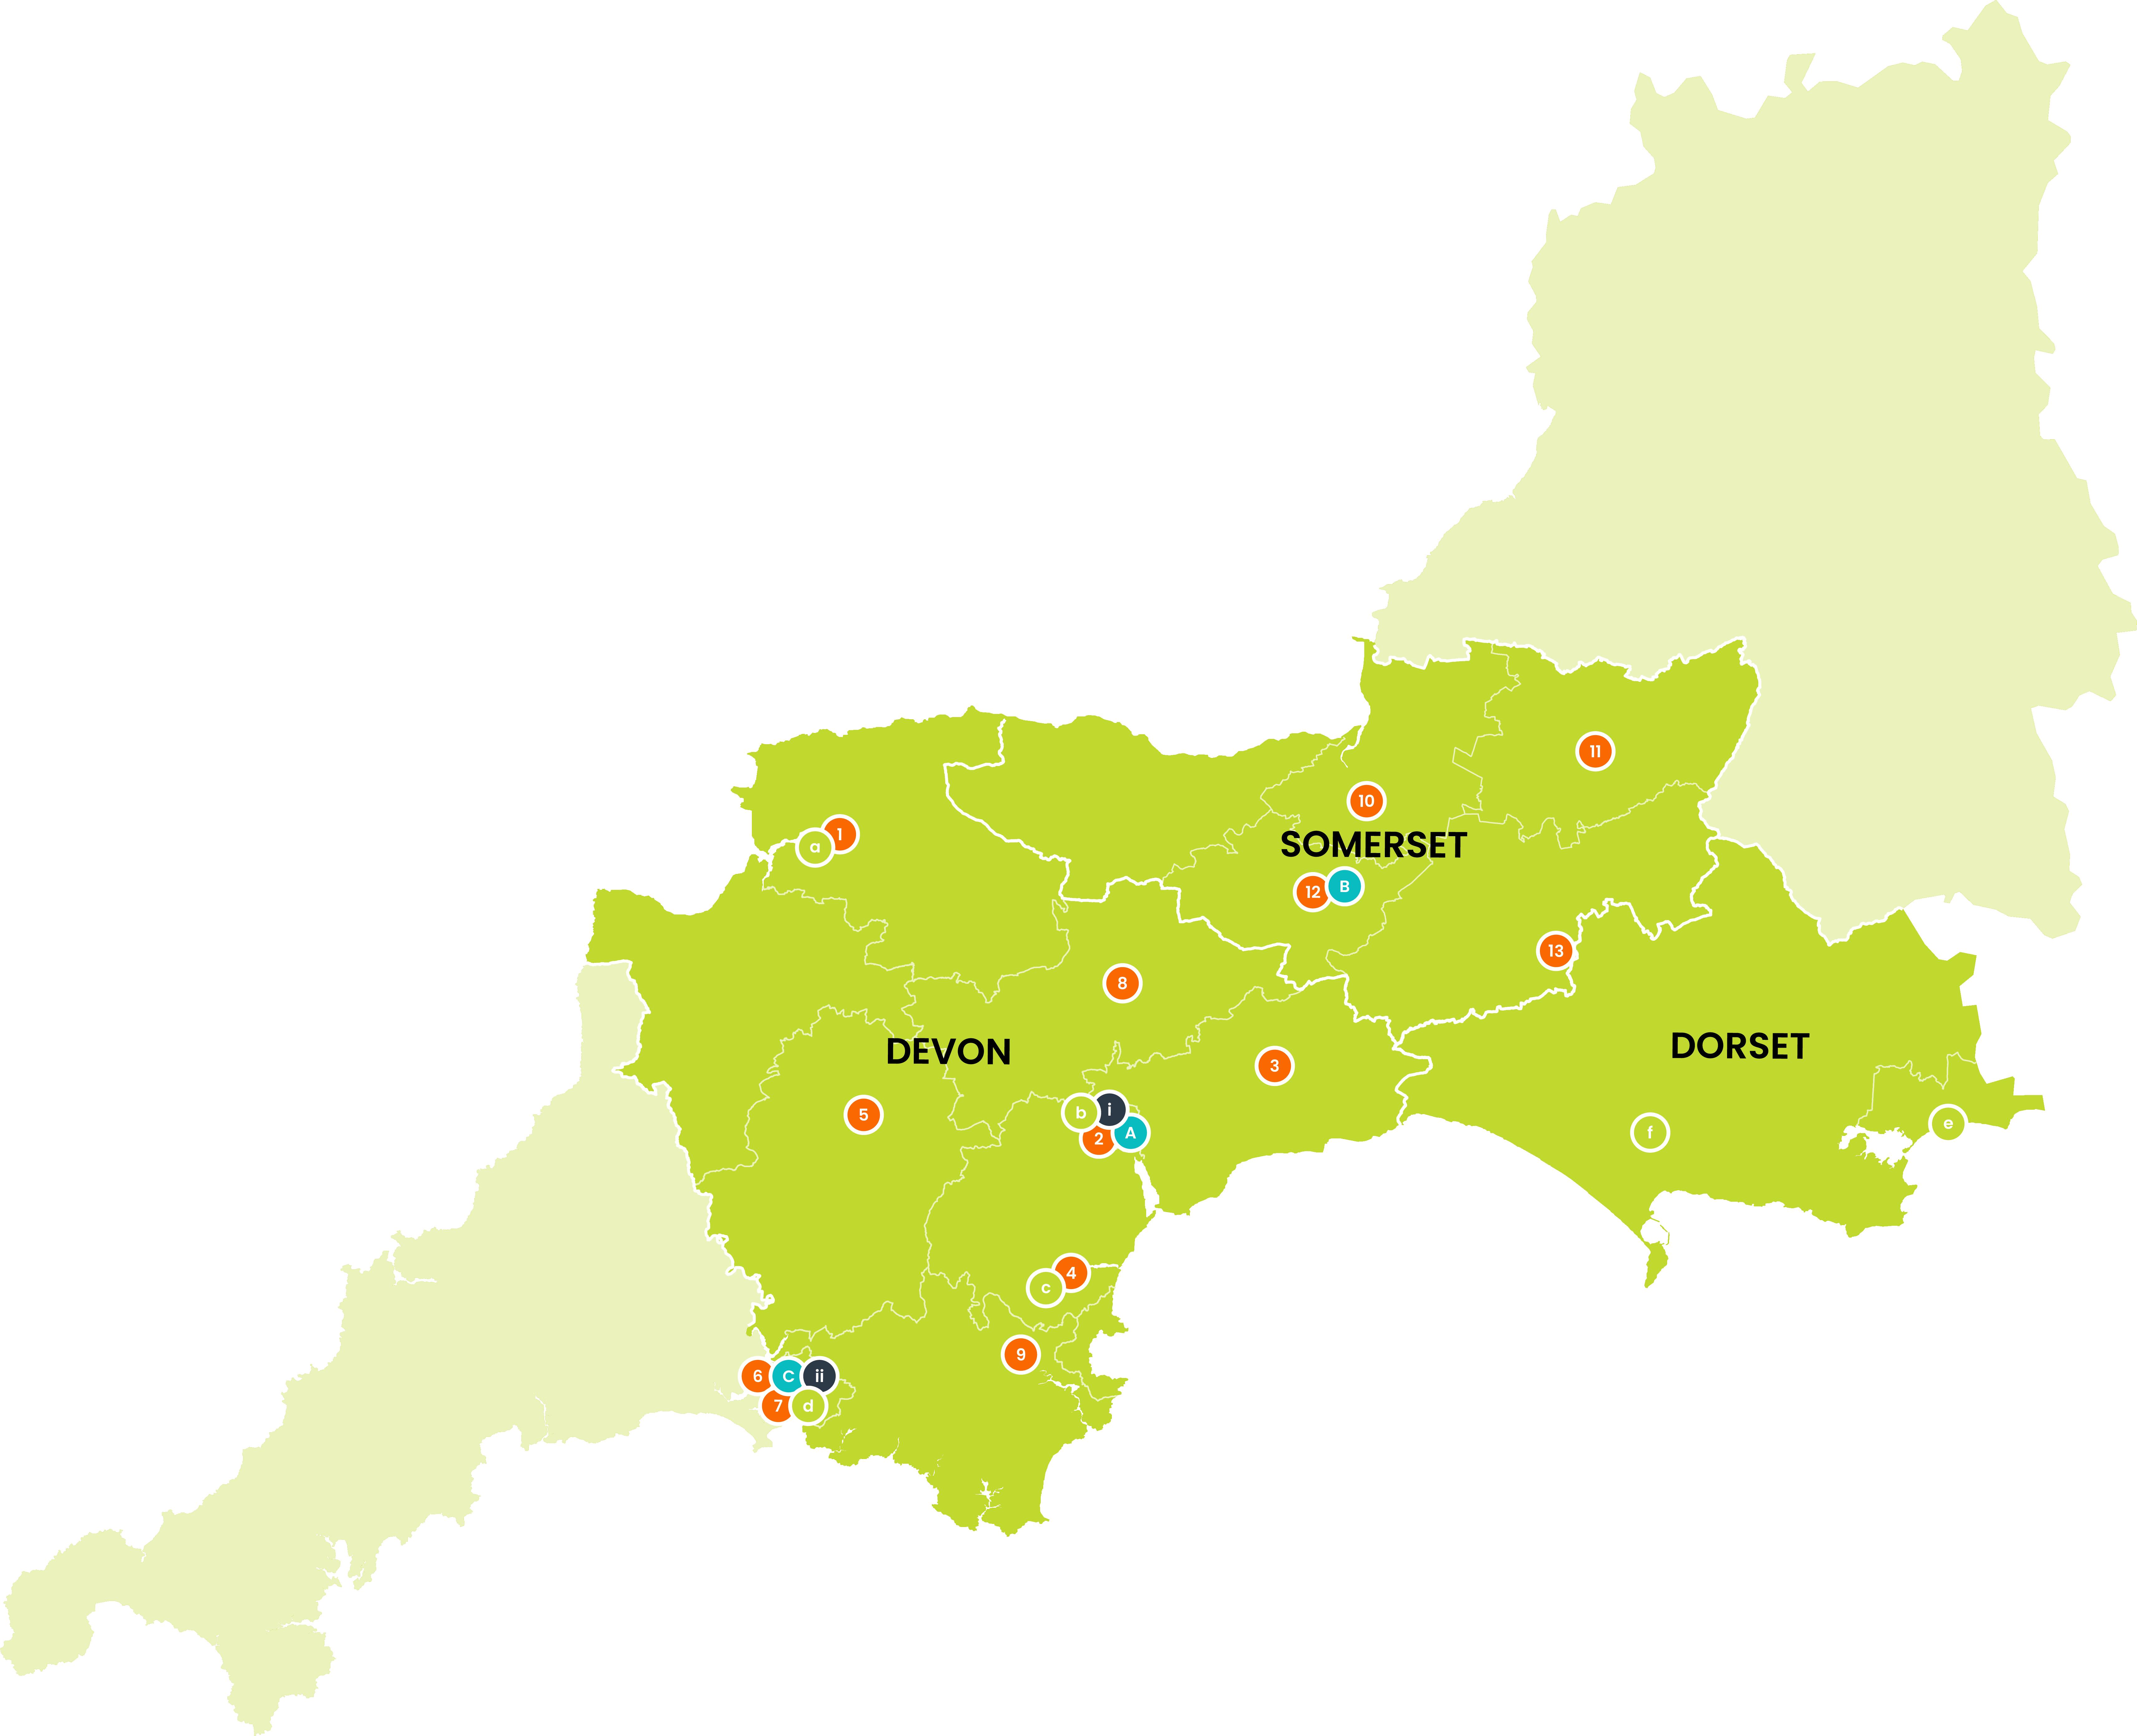 Clinical Vacancies Locations